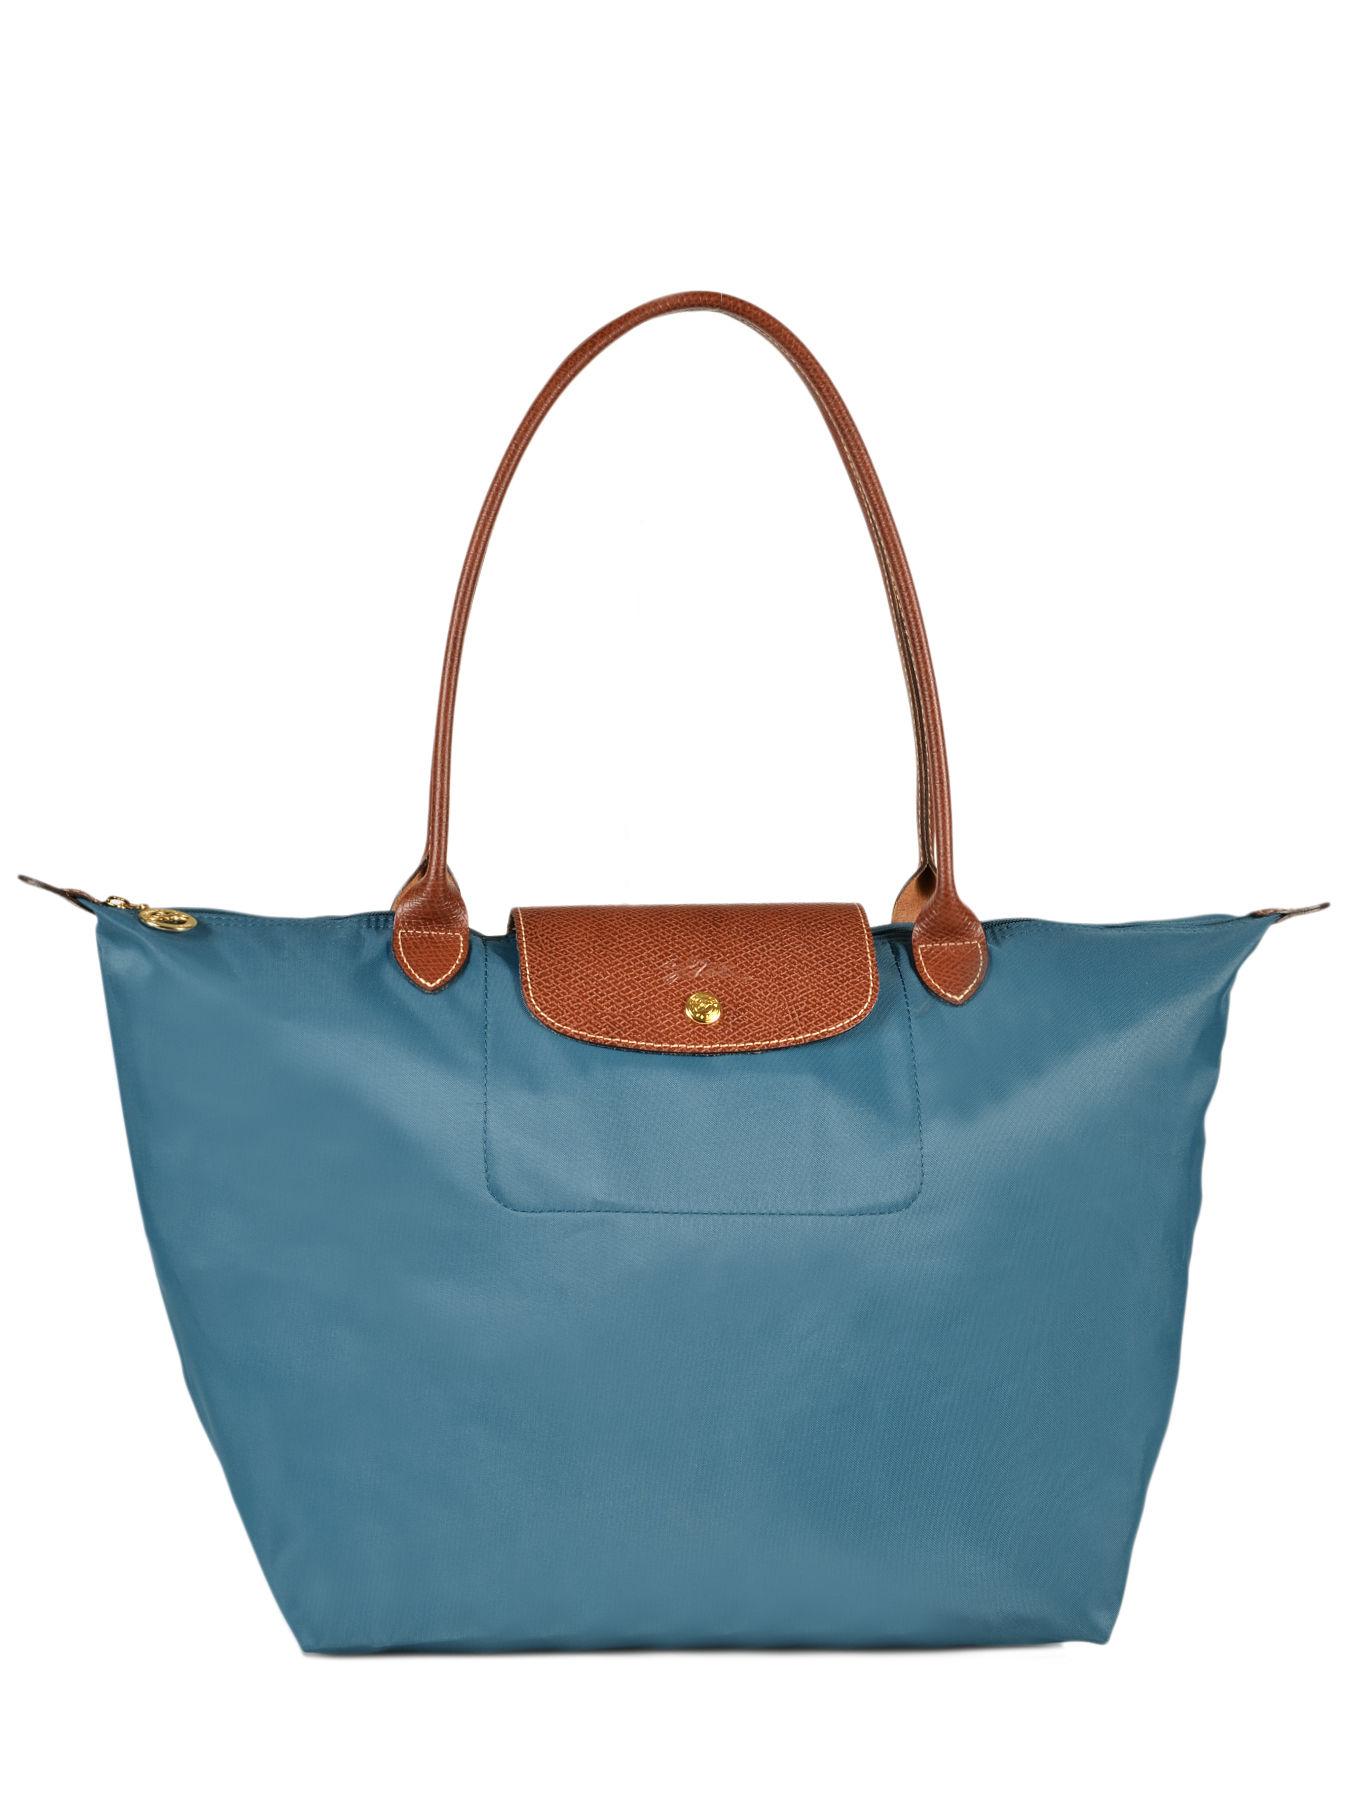 Longchamp Le pliage Hobo bag Blue